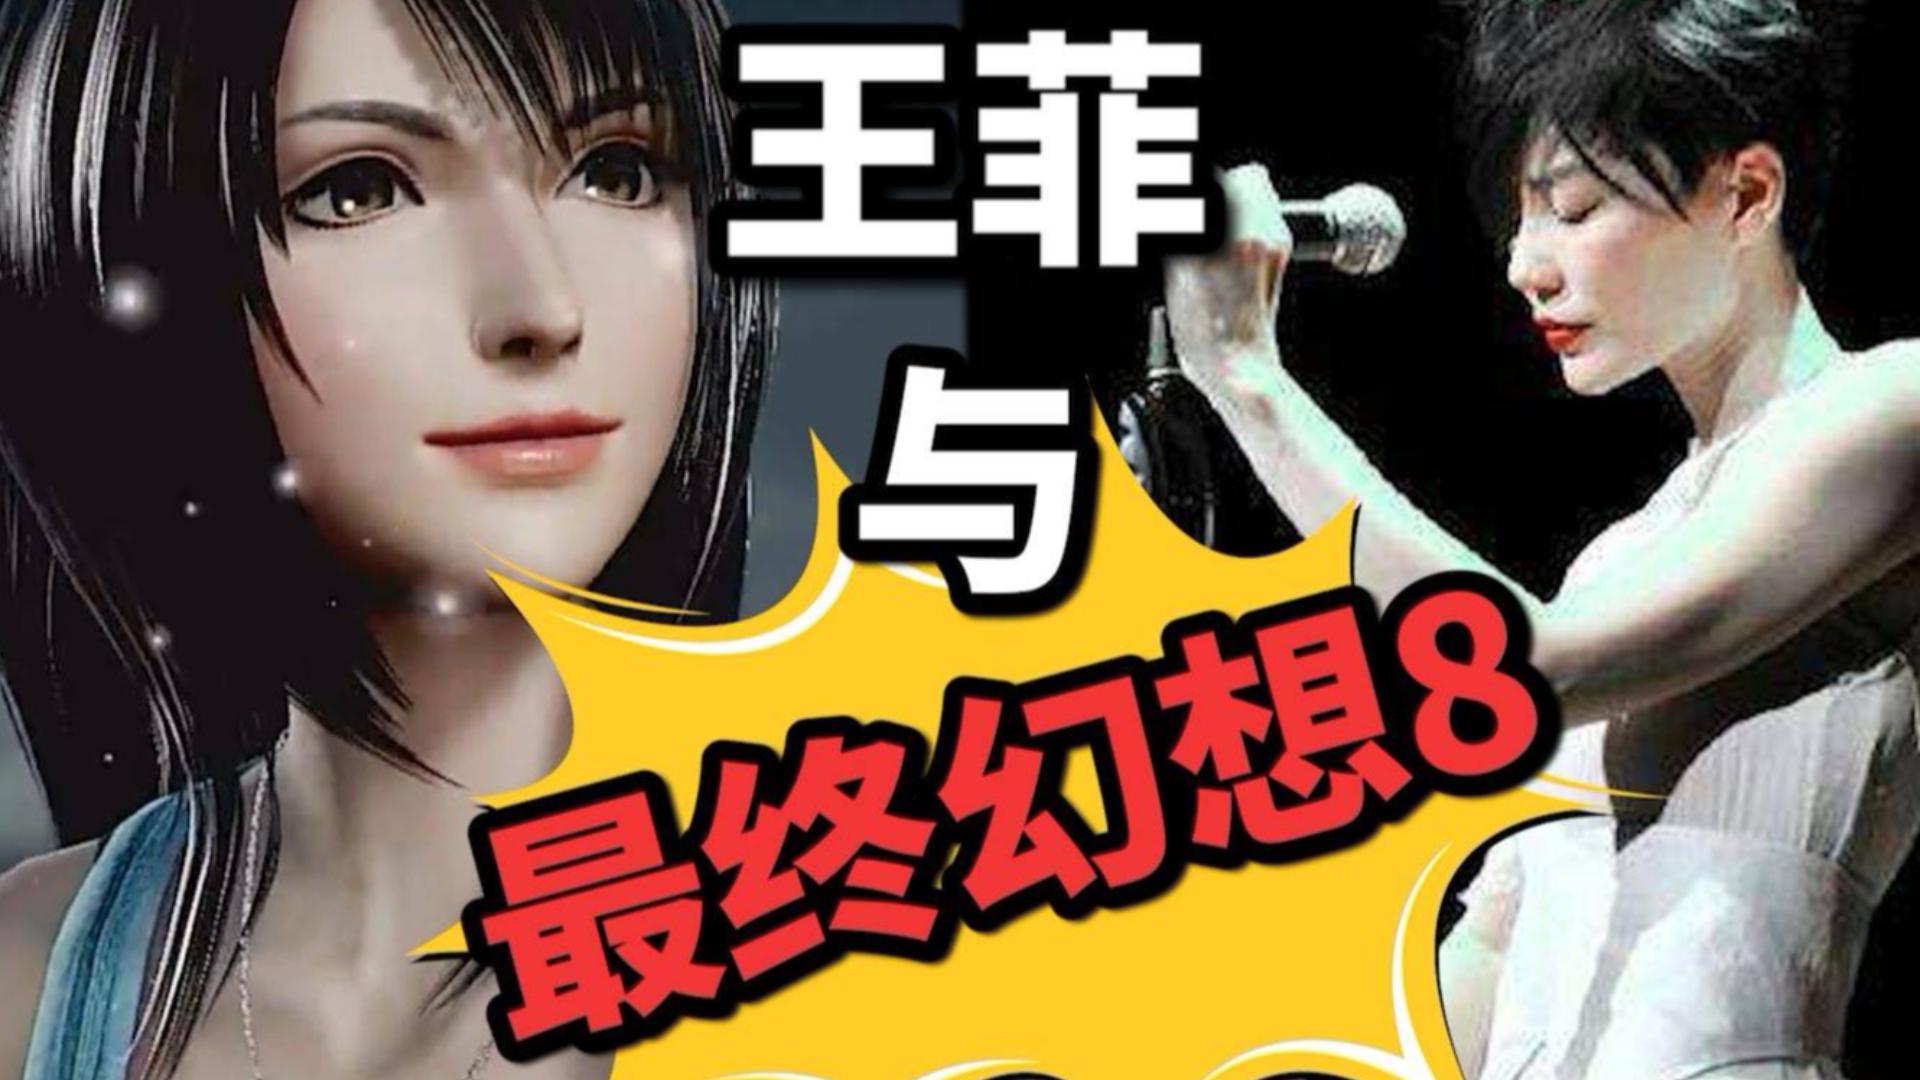 王菲与《最终幻想8》, 跨越20年的歌声,承载两代人的回忆【eyes on me】